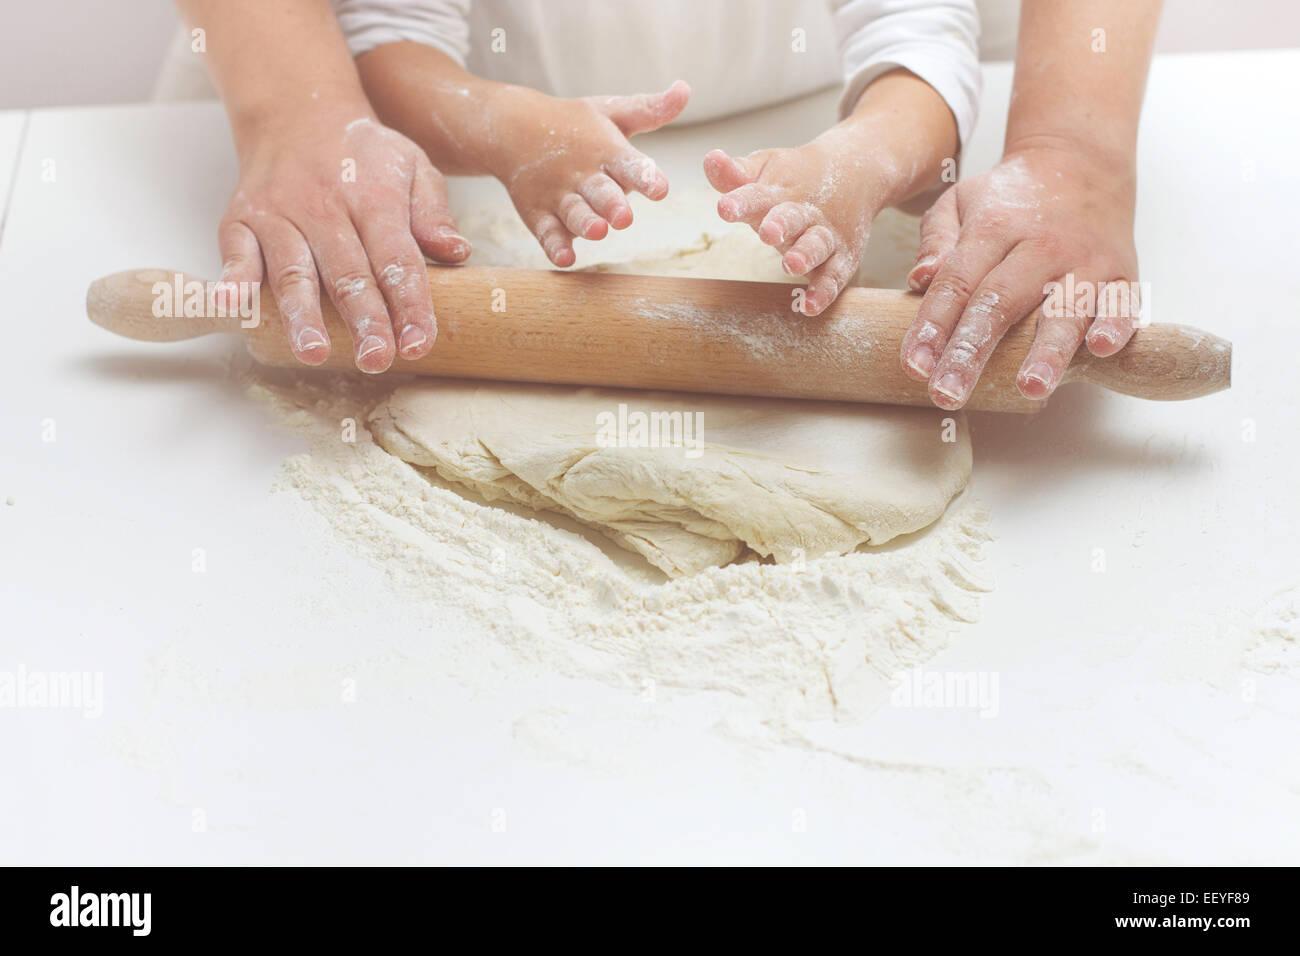 Mère et fille mains pétrissant la pâte sur la table. Photo Stock